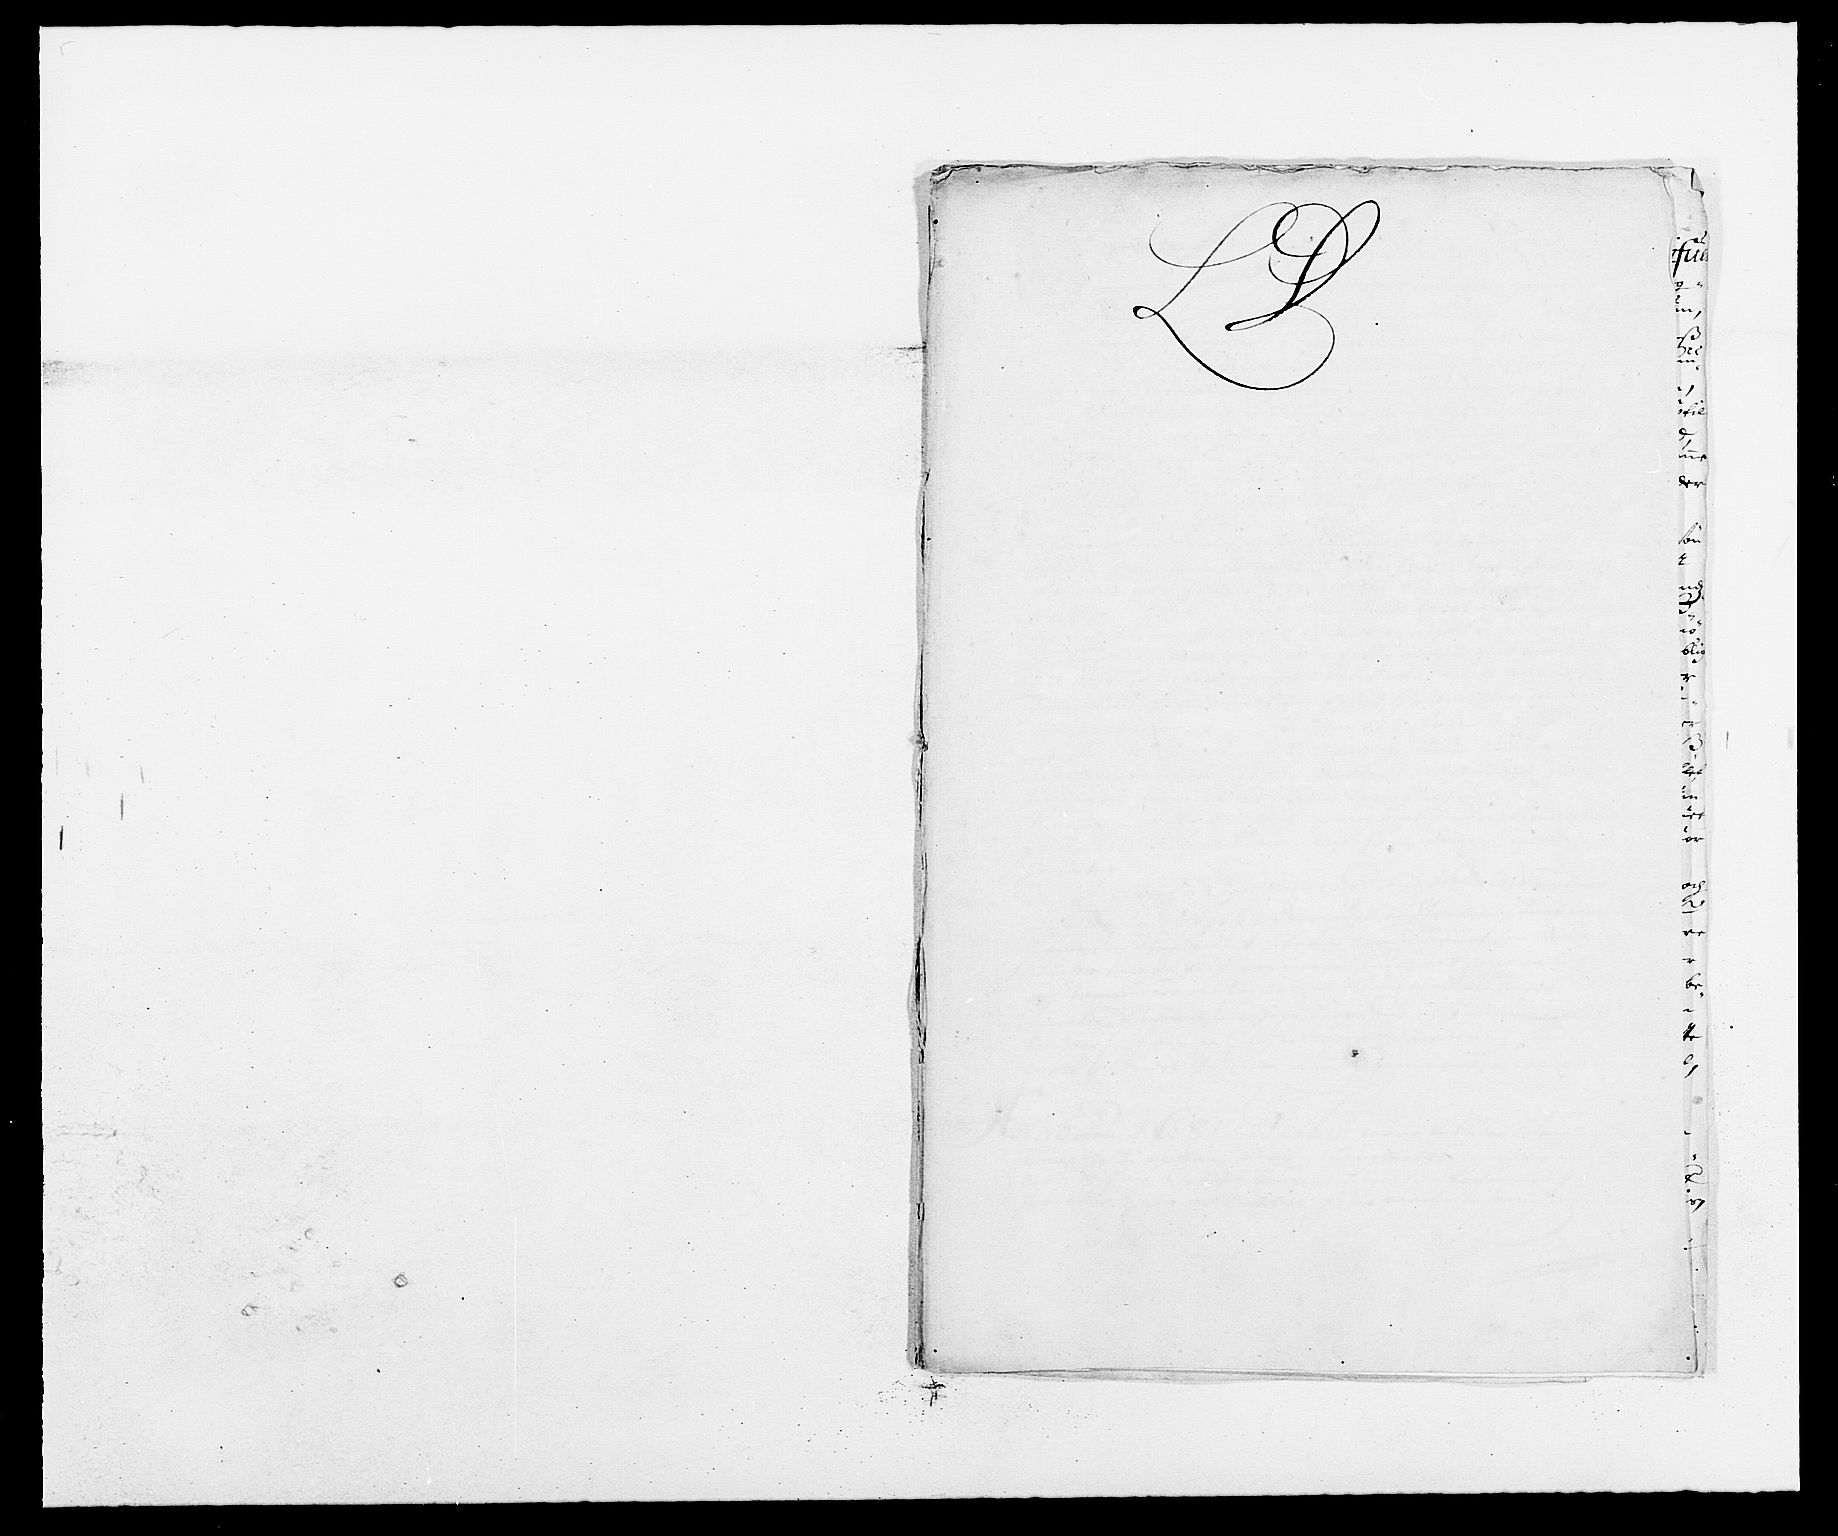 RA, Rentekammeret inntil 1814, Reviderte regnskaper, Fogderegnskap, R16/L1021: Fogderegnskap Hedmark, 1681, s. 171